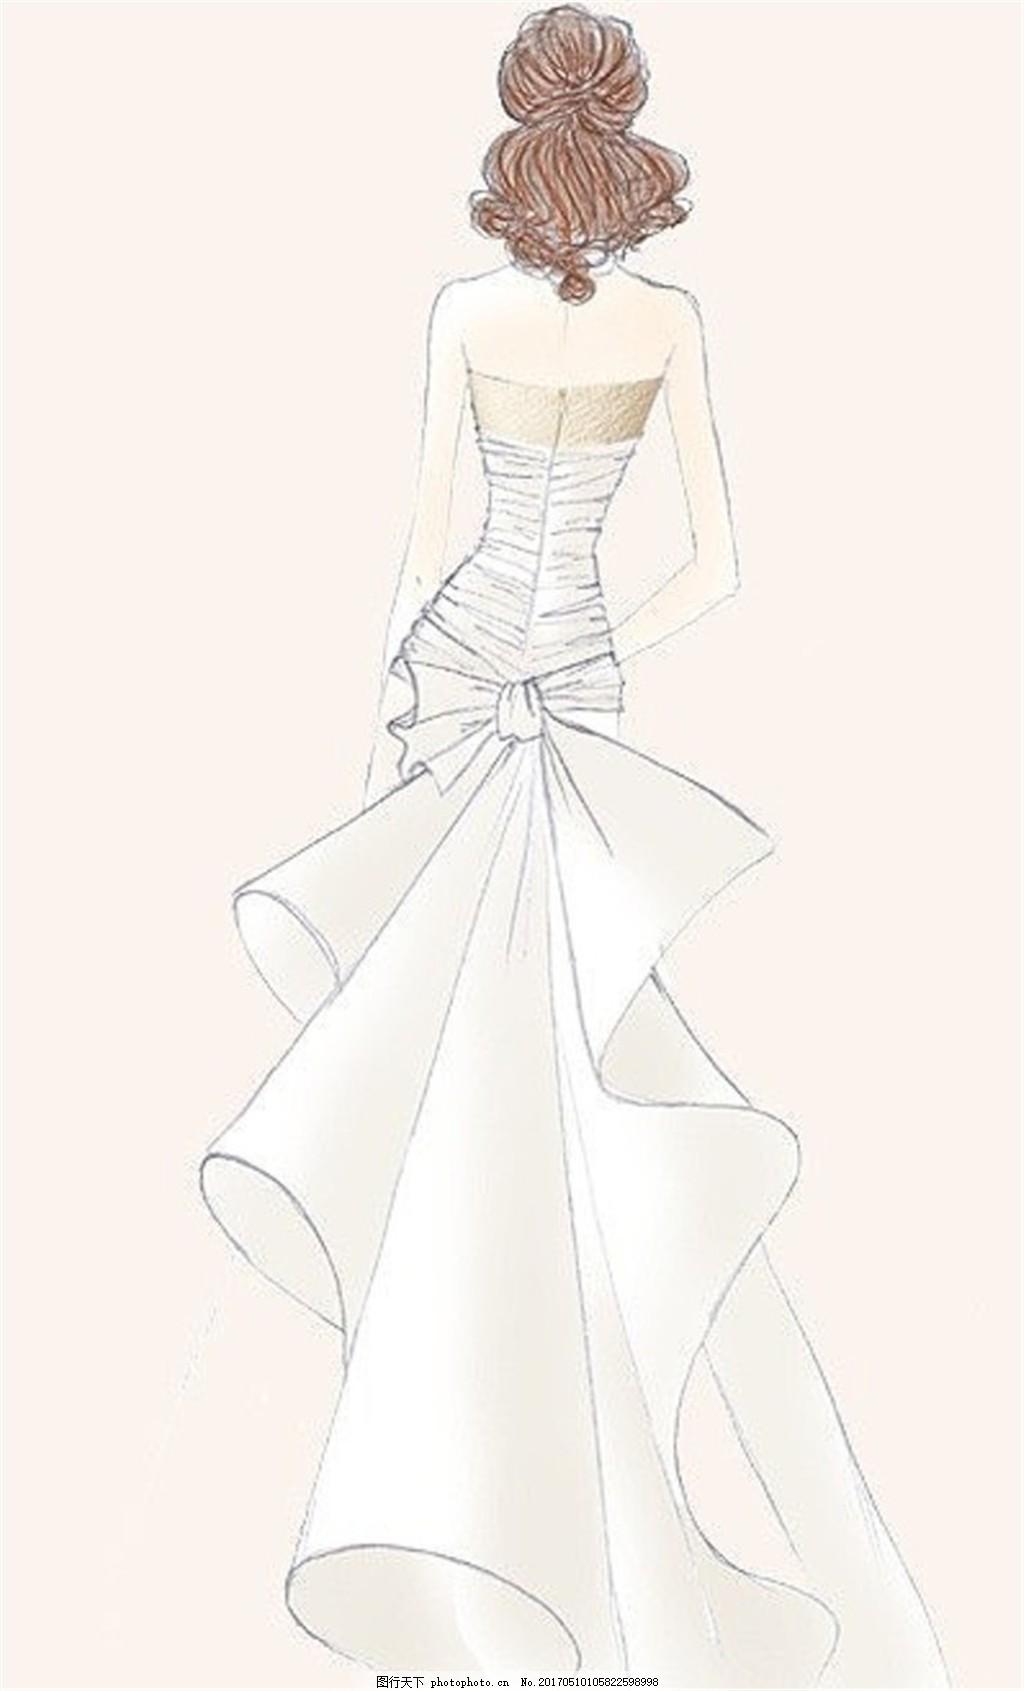 白色露背紧身礼服设计图 服装设计 时尚女装 职业女装 女装设计效果图